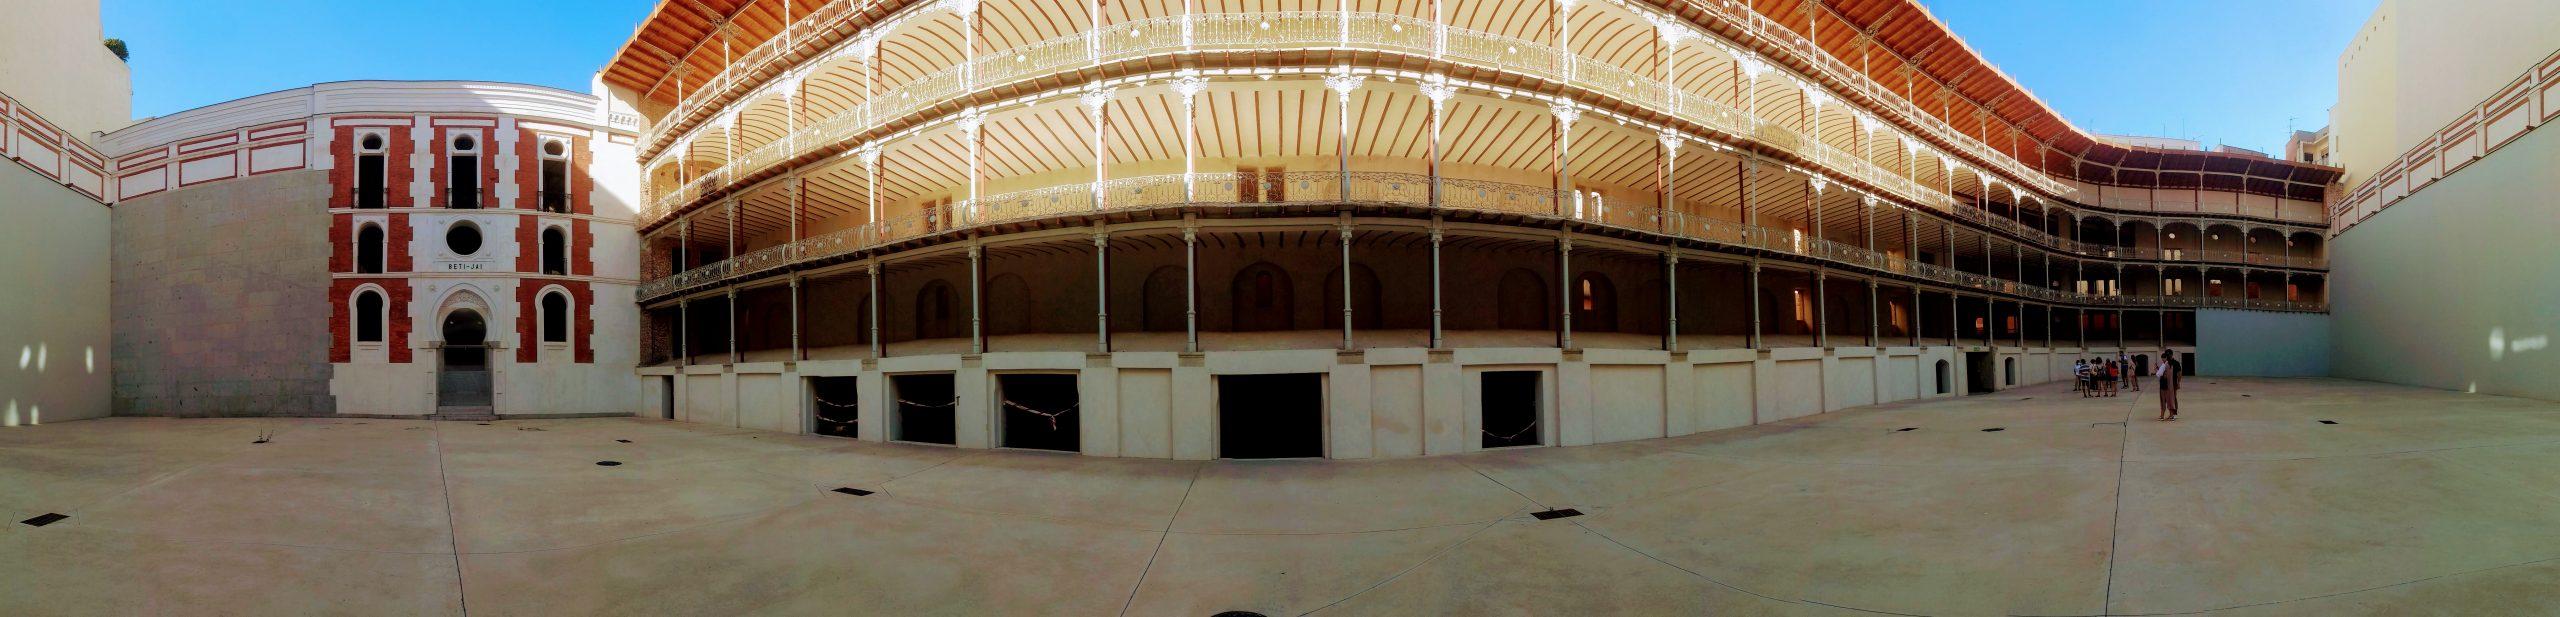 Panoramic of the interior of Beti-Jai jai ali court in Madrid